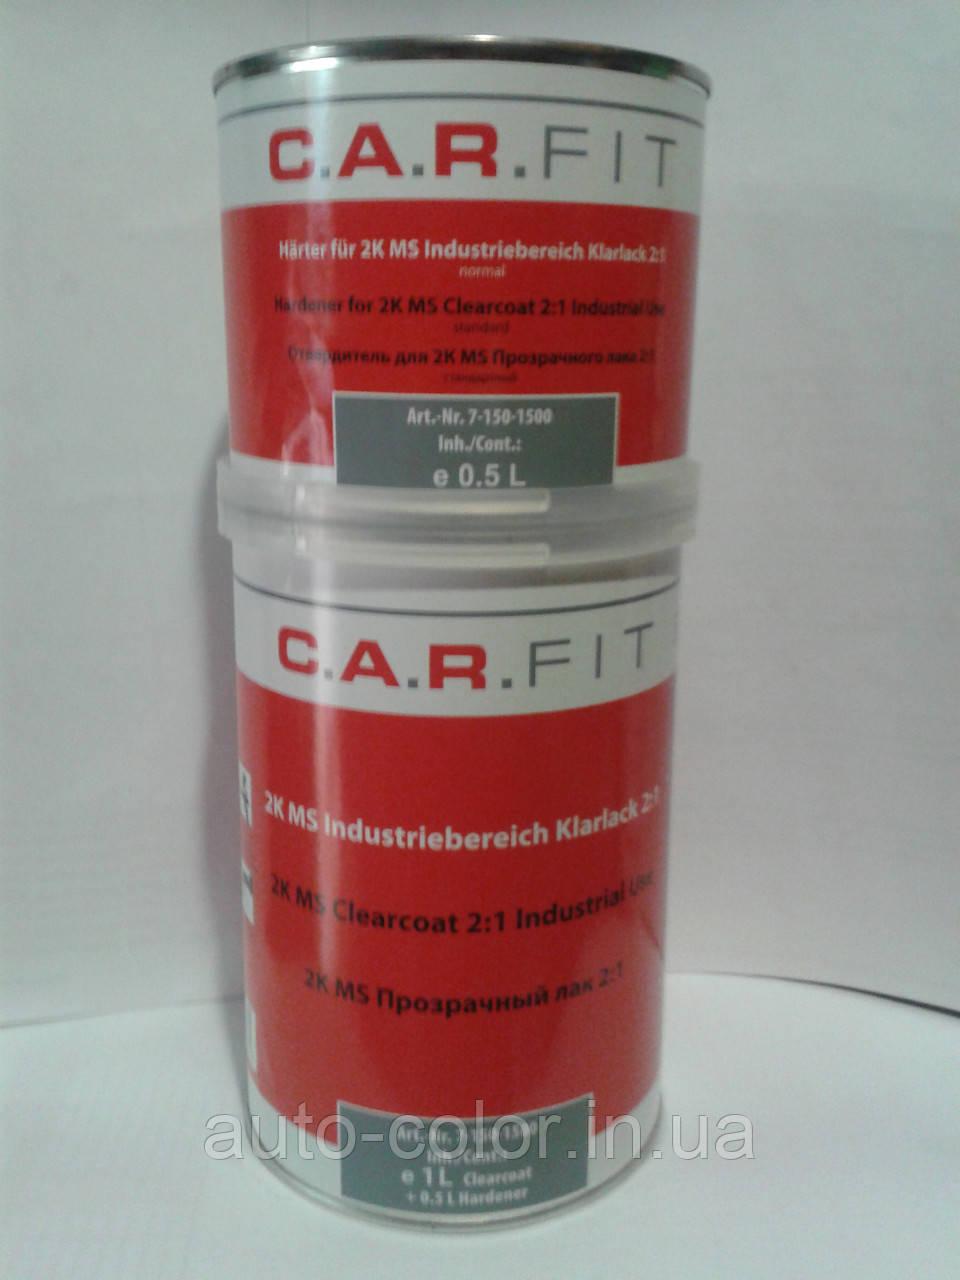 C.A.R.FIT 2К MS 2:1 Прозрачный лак 1л+0,5 л (комплект)